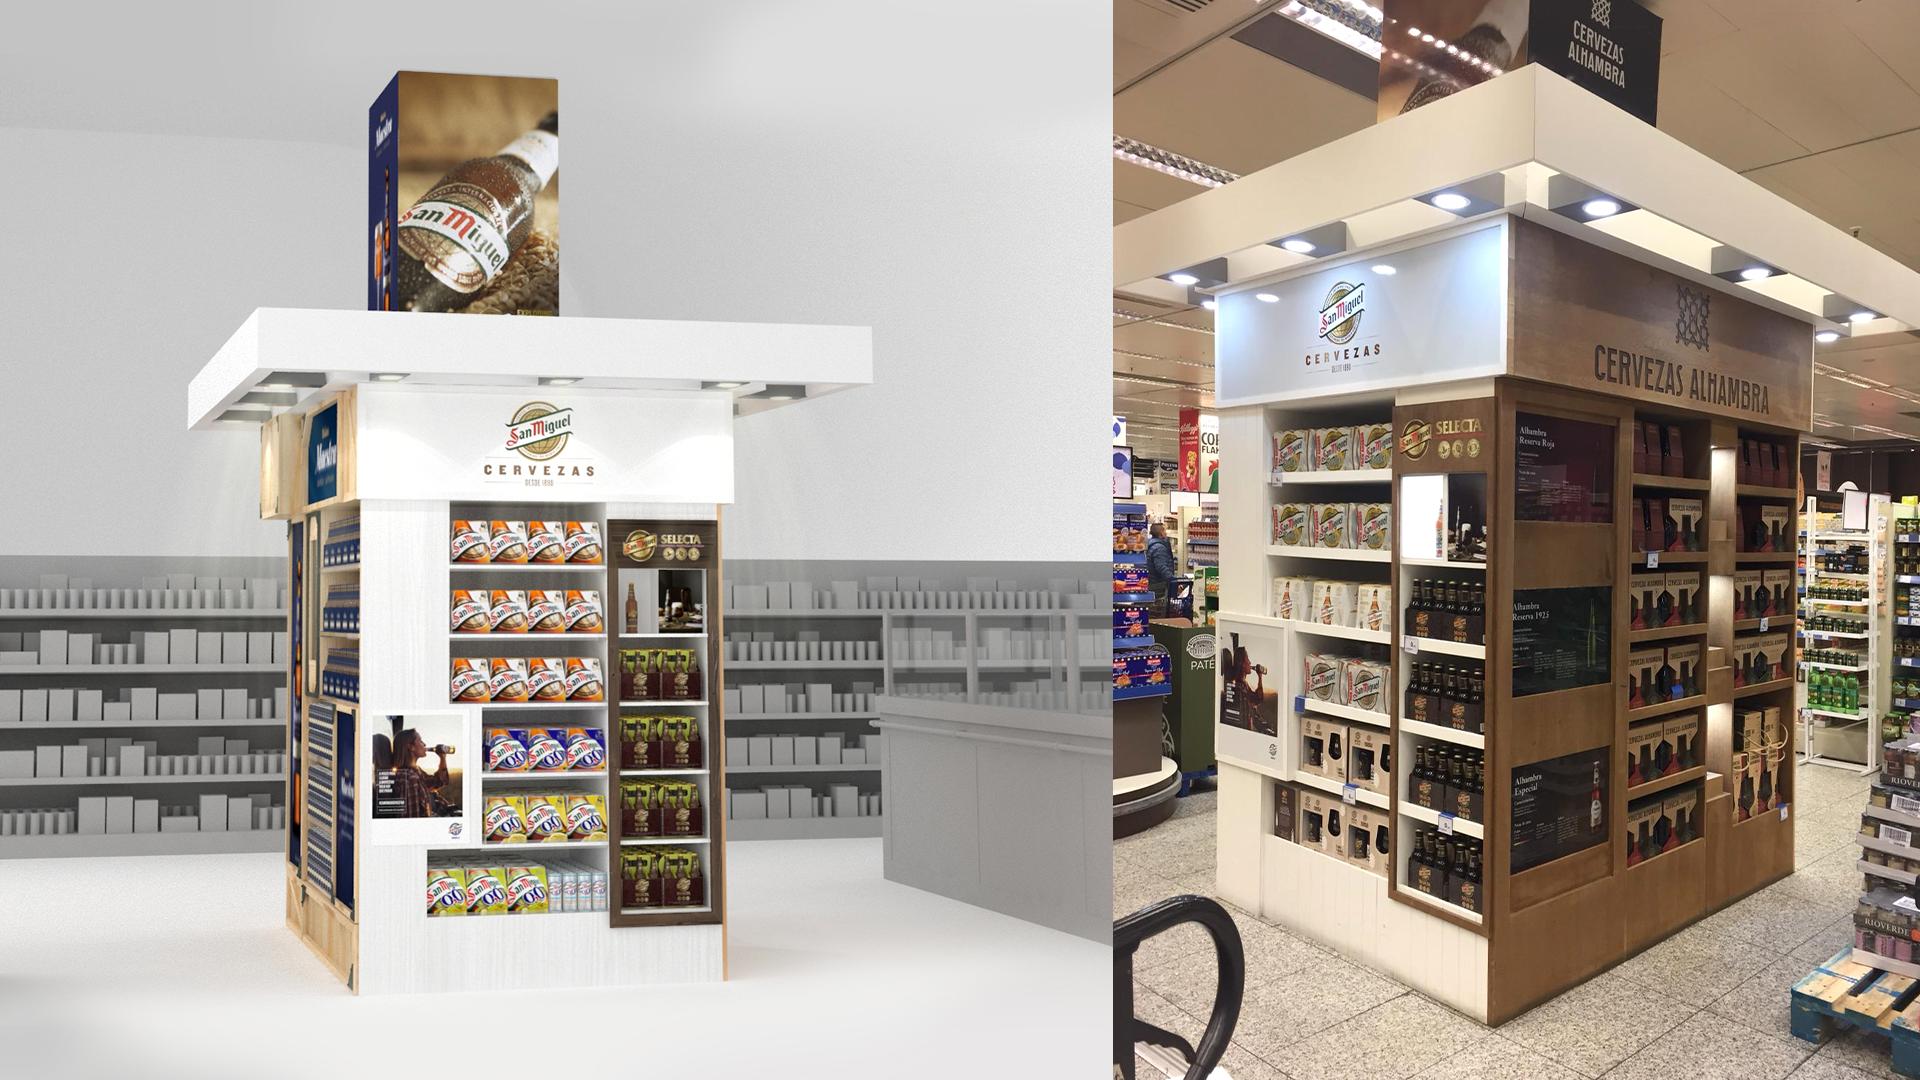 Columna San Miguel render supermercado Indigo